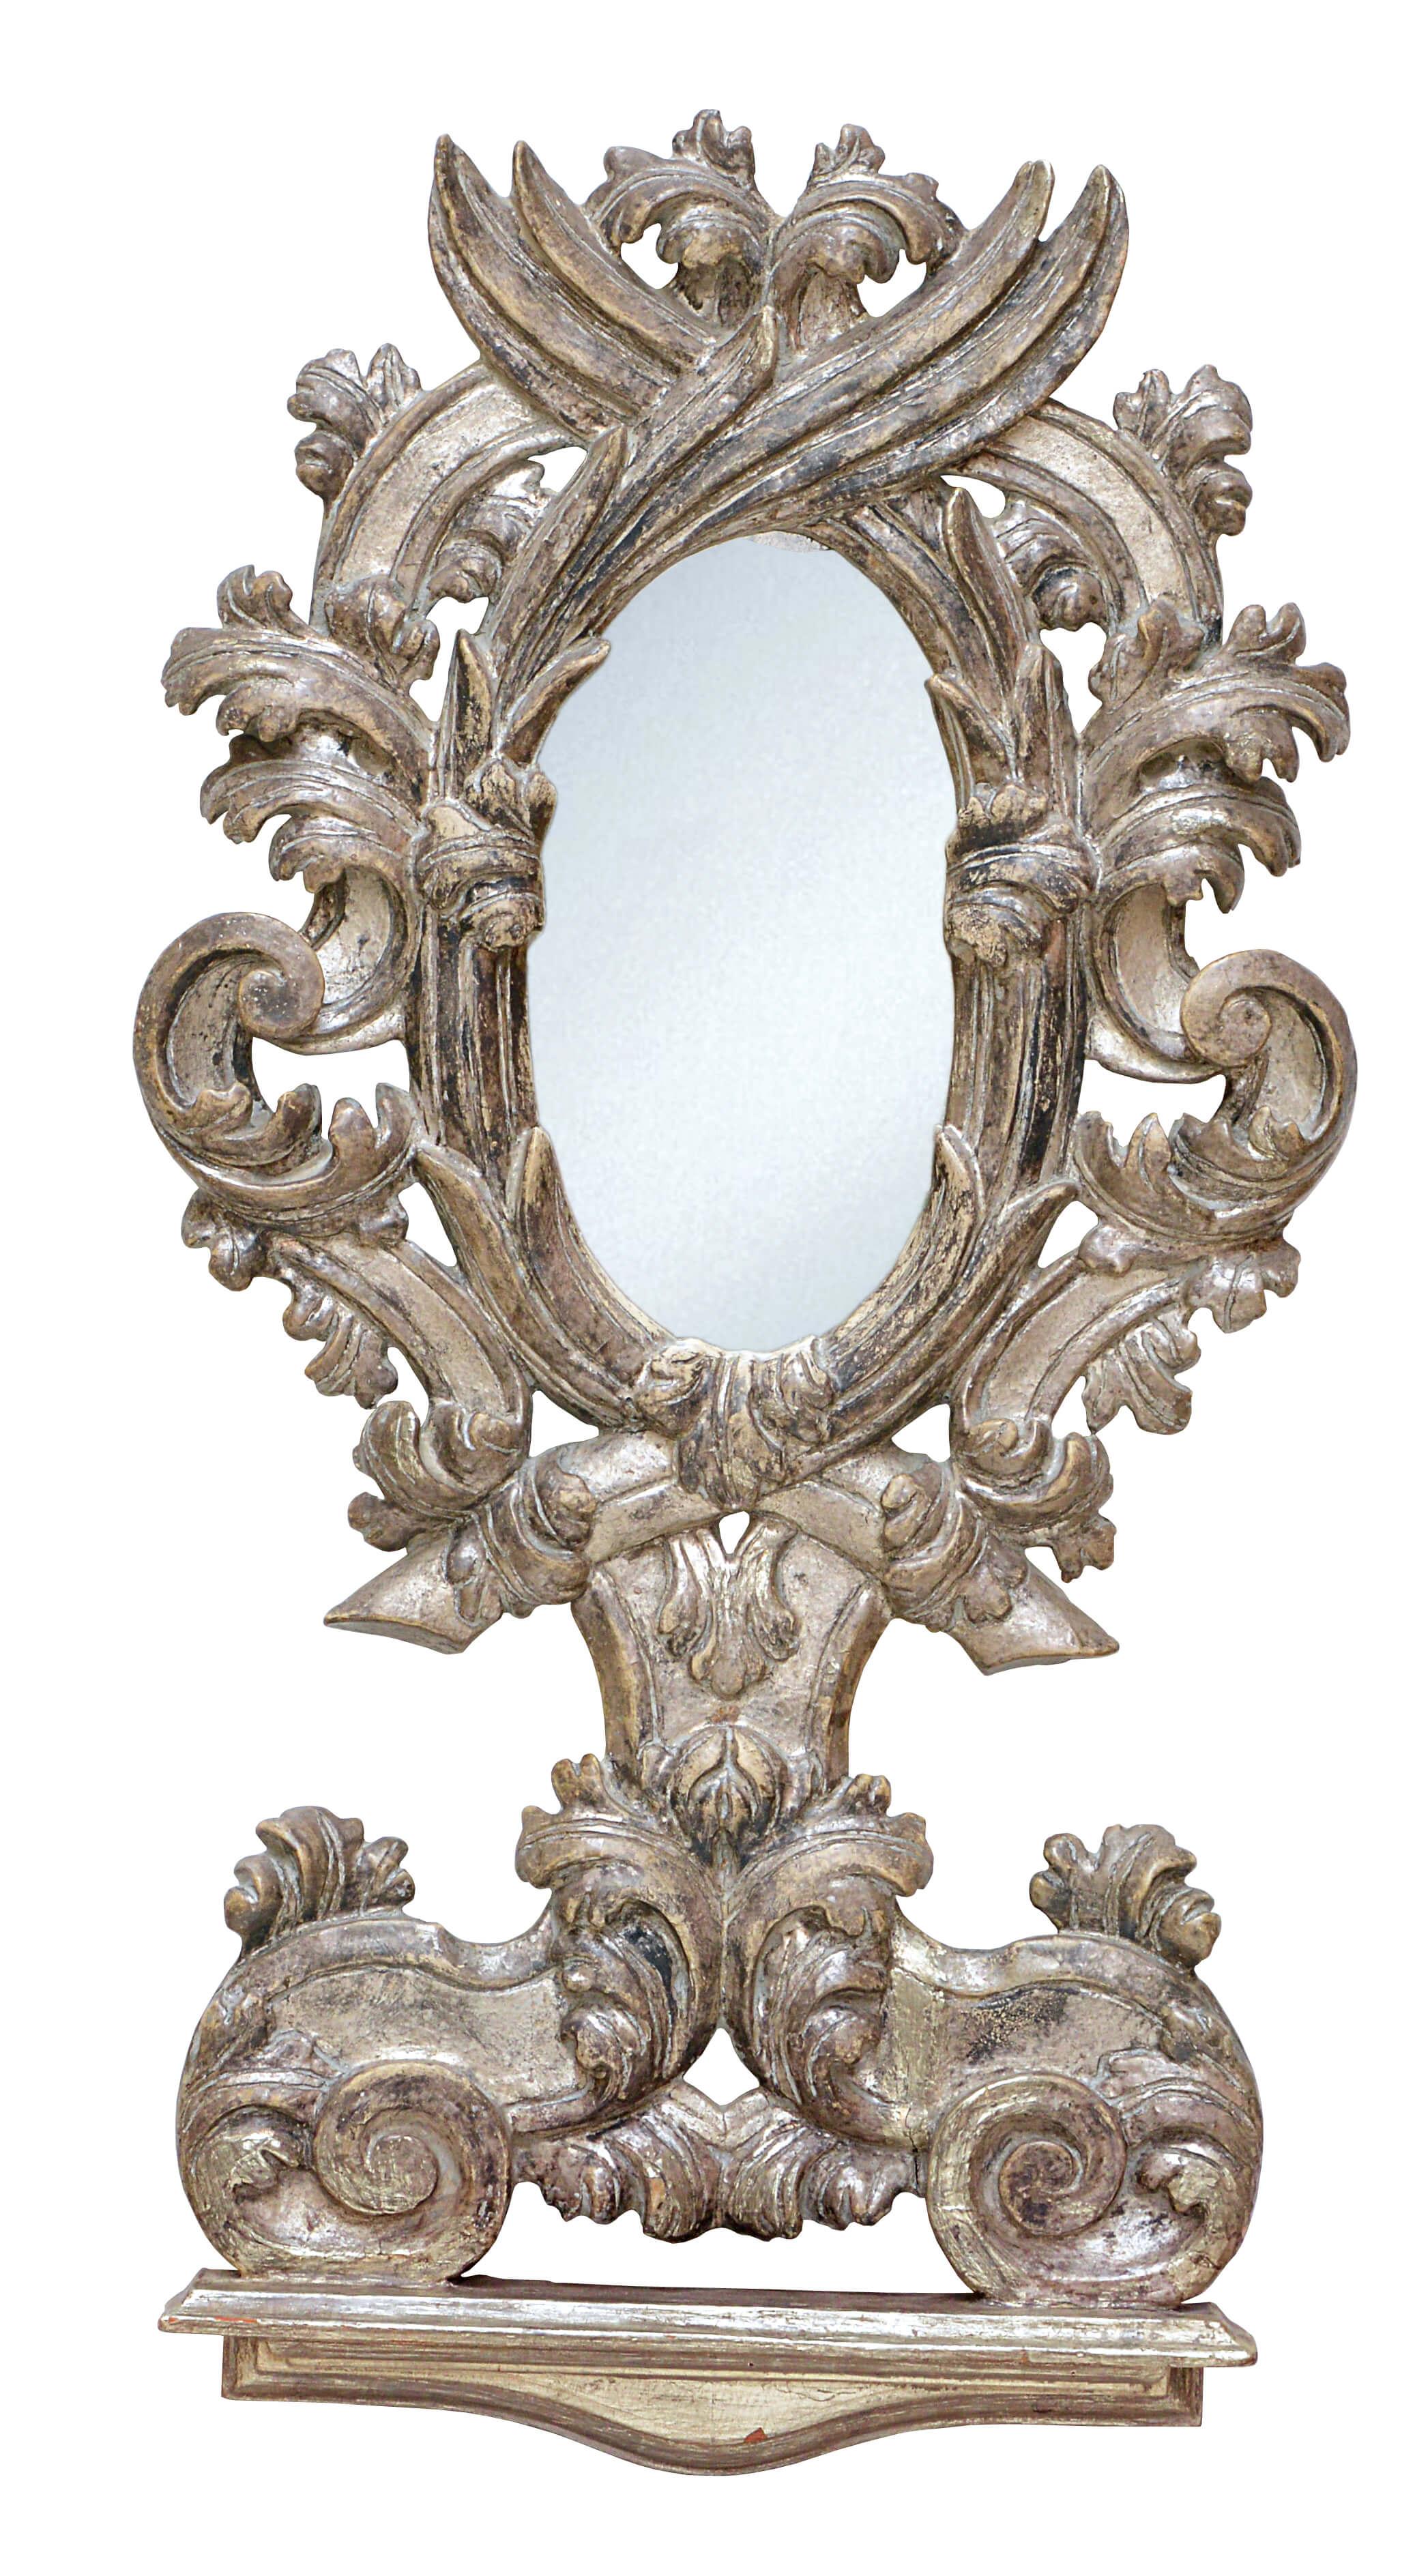 Antikes Spiegelpaar KAMILLA ist eine echte Antiquität aus dem 19. Jhdt. Einem Kunstwerk gleich schenkt der handgeschnitzte Rahmen mit detailreichem Blattwerk ihrem Flur oder Ihrer Diele einen besonderen Blickfang.